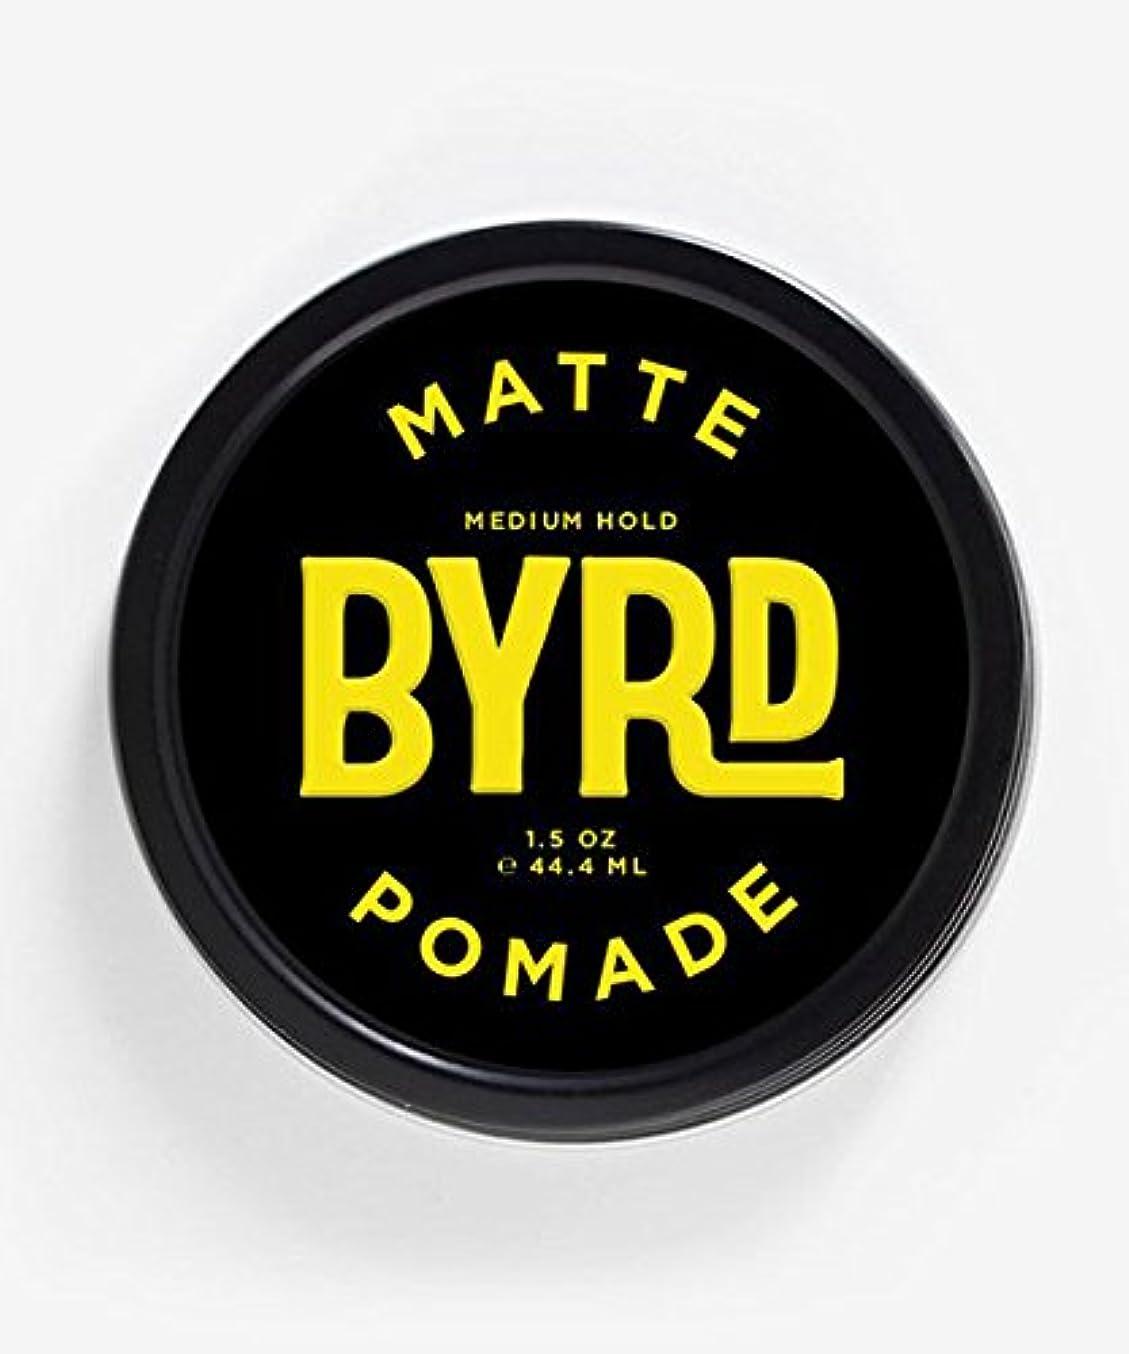 胚芽キャッチ自信があるBYRD(バード) マットポマード 42g